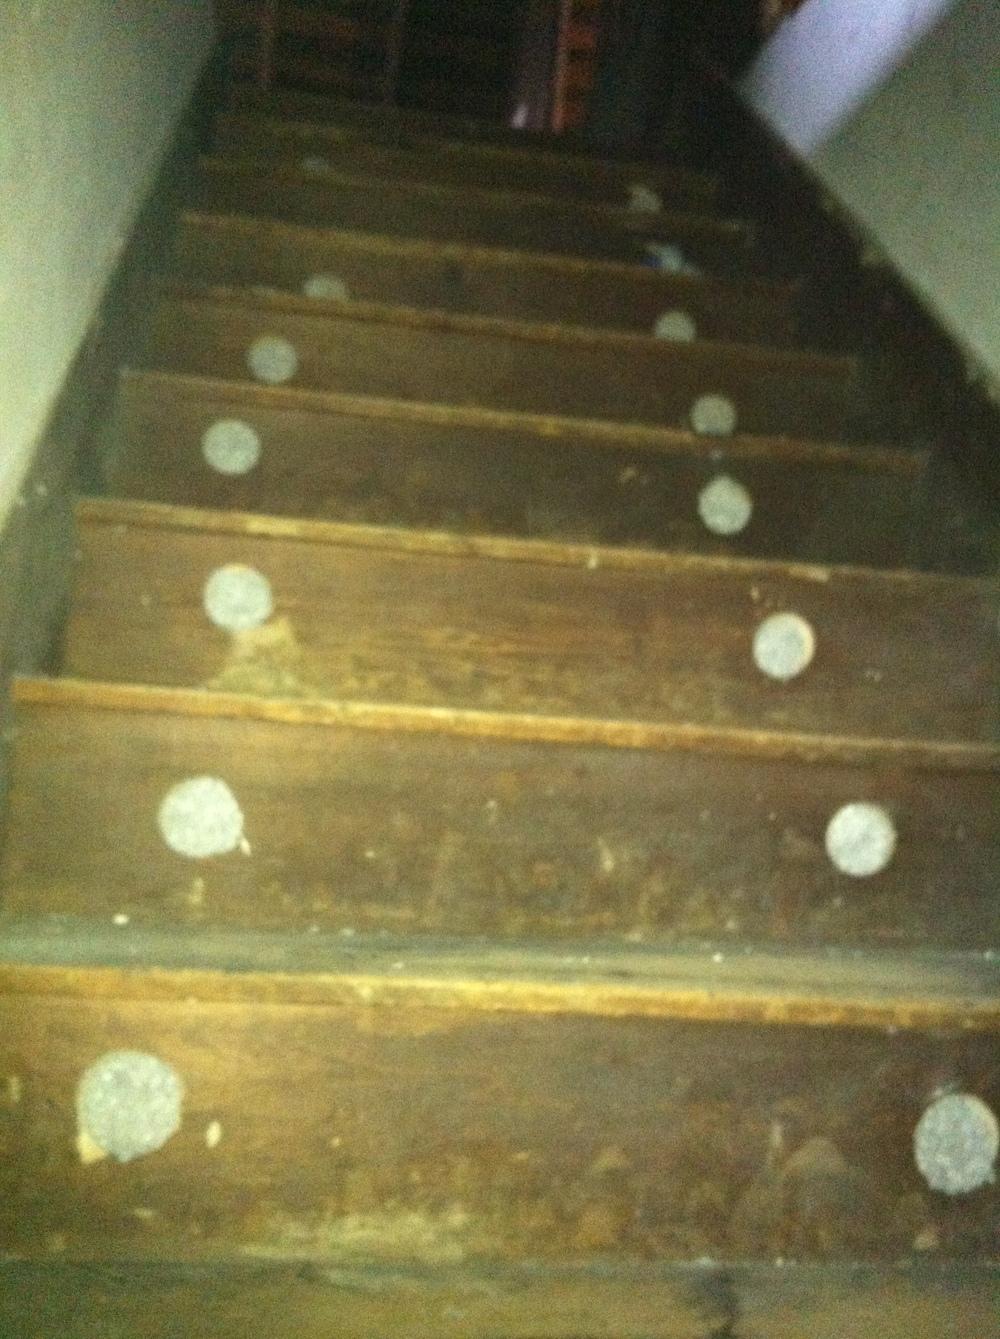 Densepack Stairs